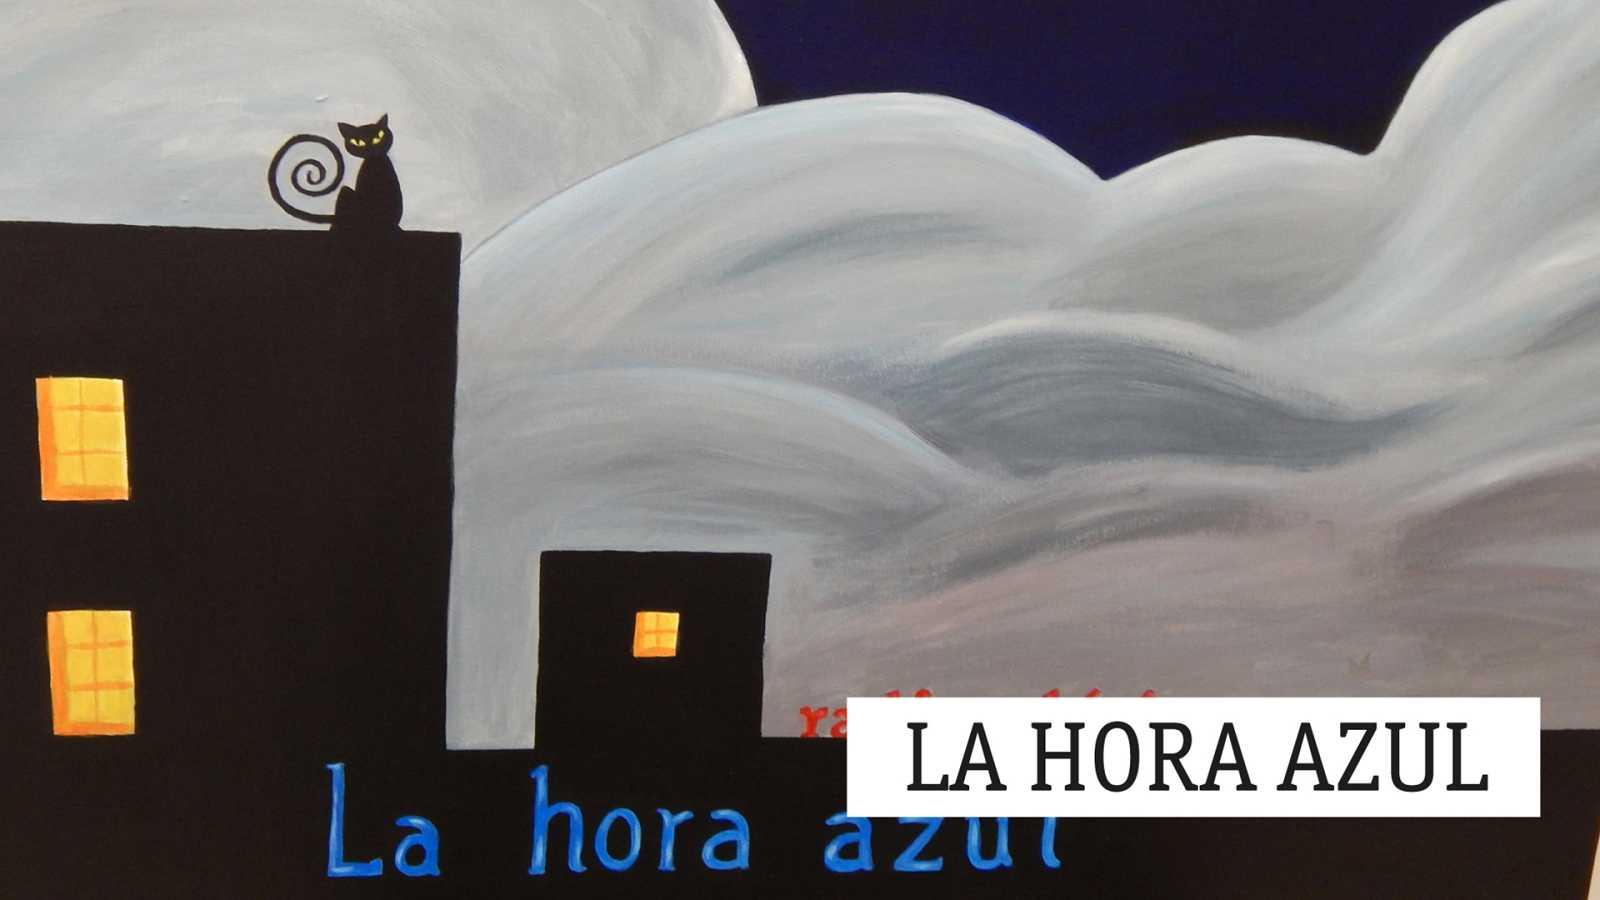 """La hora azul - Novedades discos Euskadi/La """"luz perpetua"""" de Elena Fortún - 27/04/21 - escuchar ahora"""